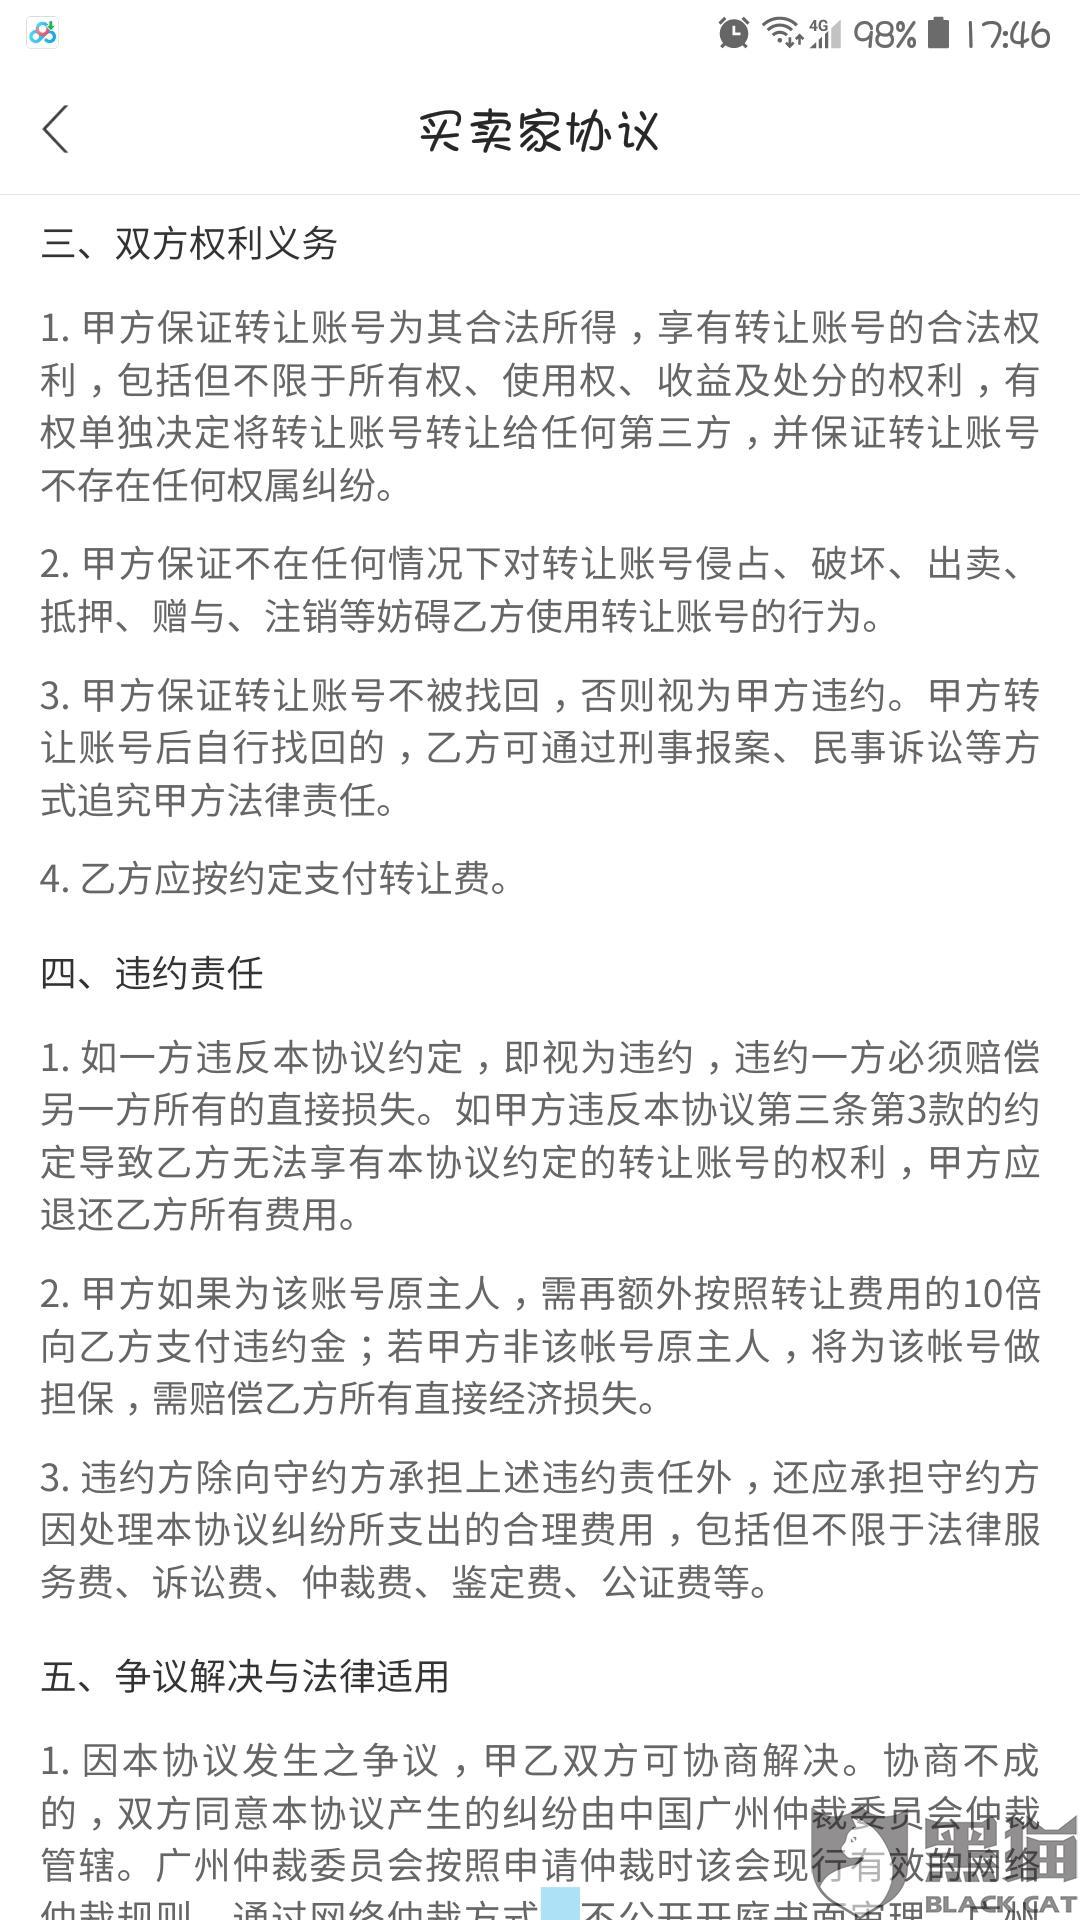 黑猫投诉:2000元人民币买了两个多月的梦幻手游账号被恶意找回。交易猫不予处理。